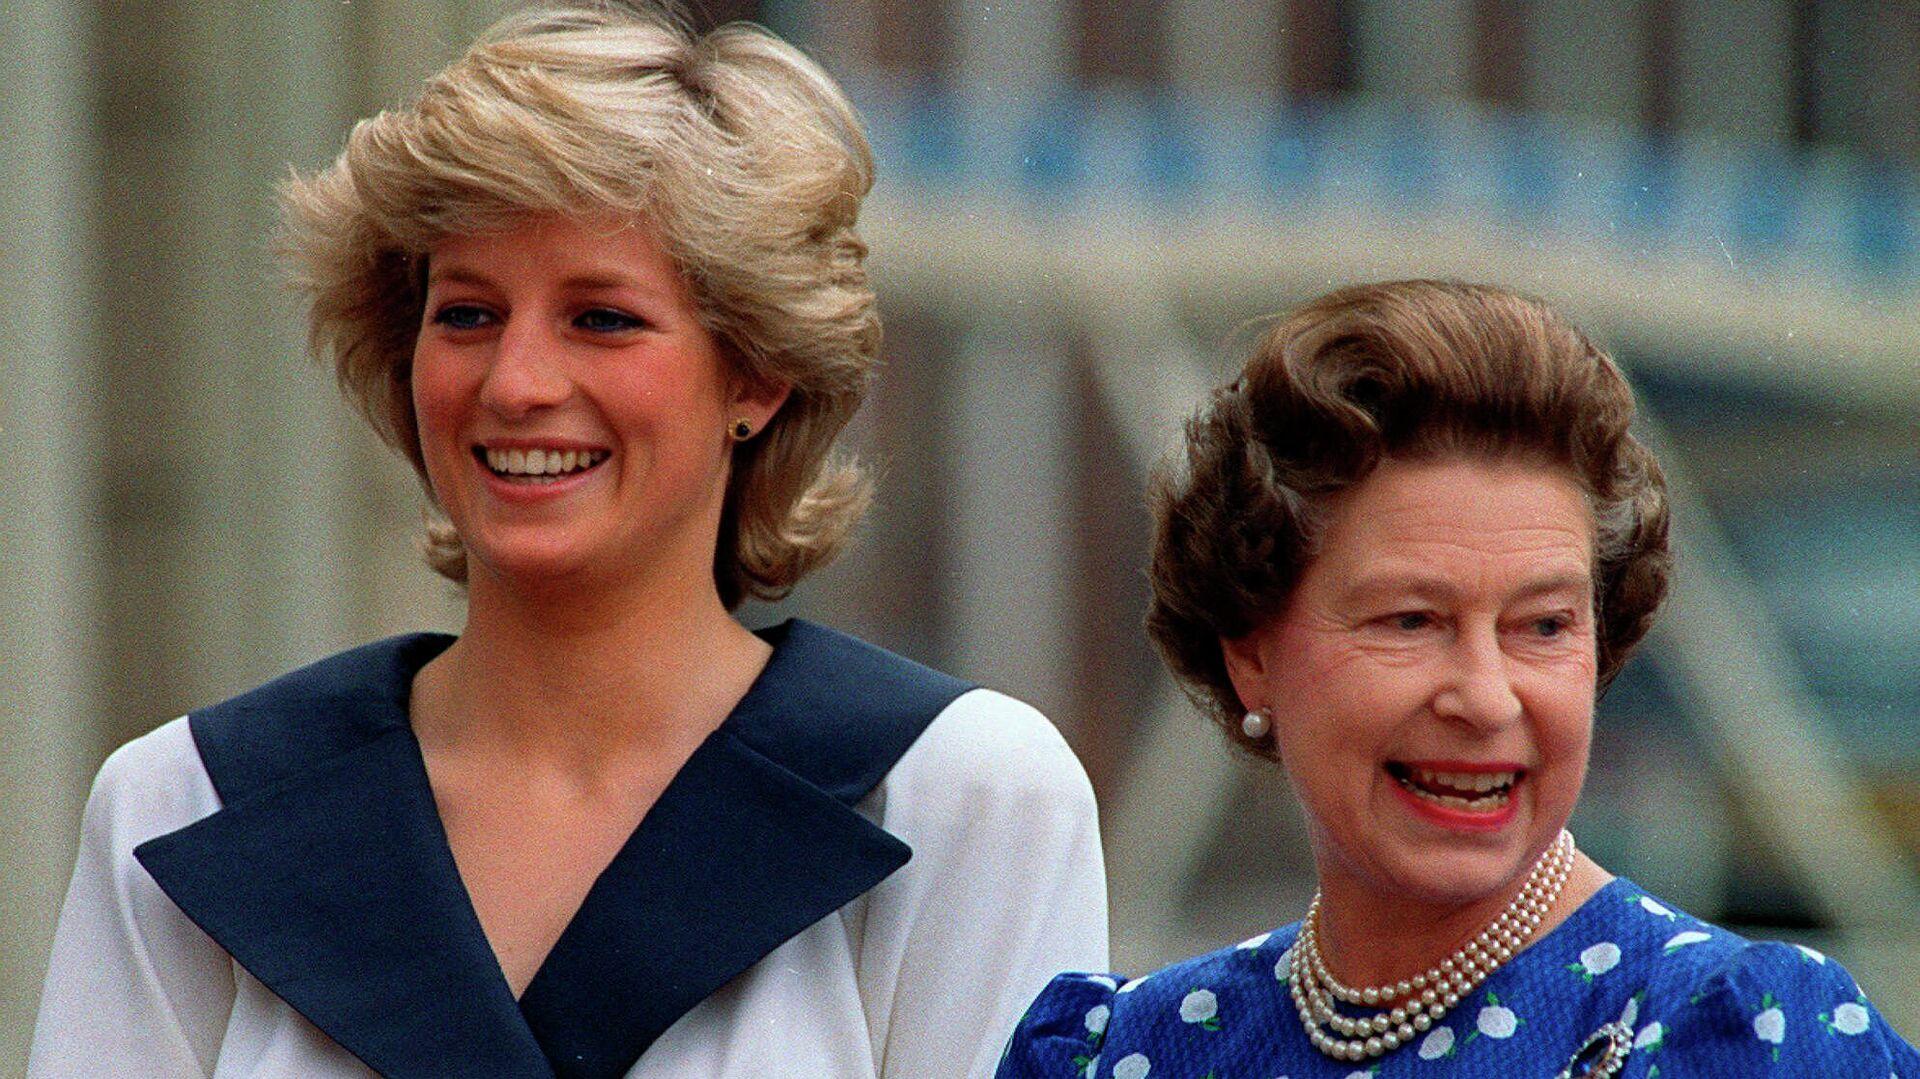 La princesa diana y su suegra, la reina Isabel II, en 1987 - Sputnik Mundo, 1920, 08.08.2021